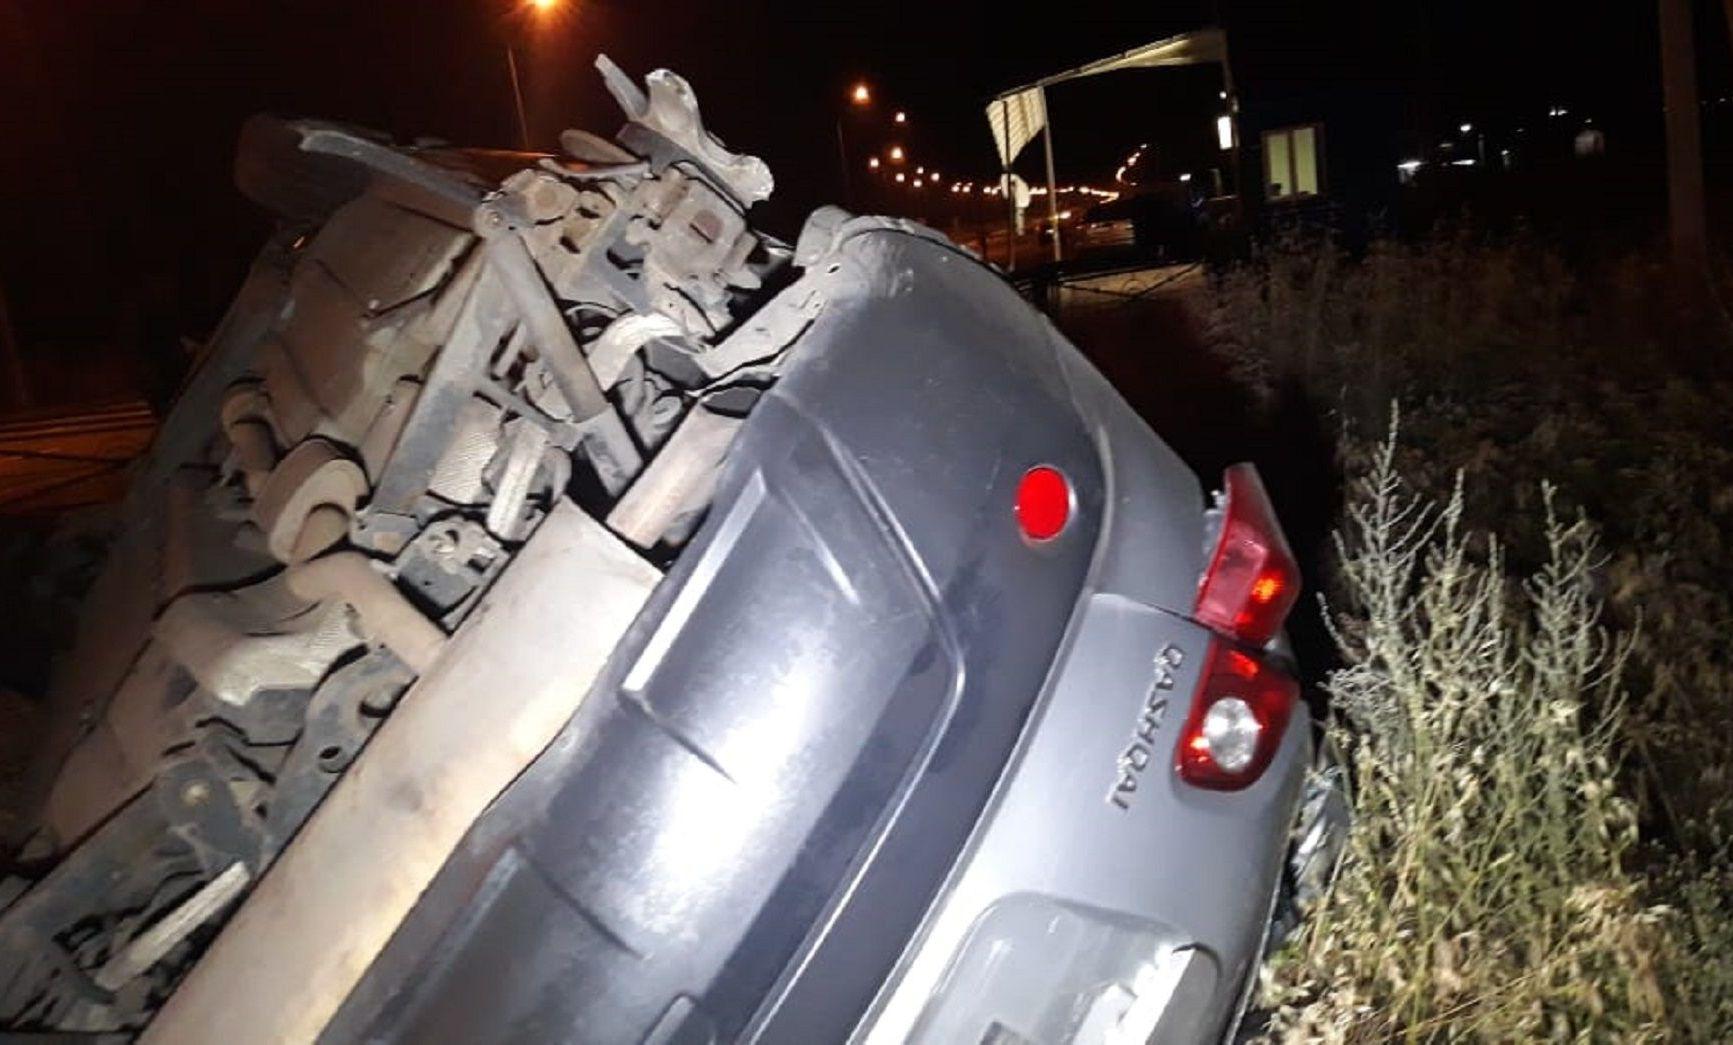 Автомобиль снес конструкции поста полиции в Алматы: пострадали 2 человека